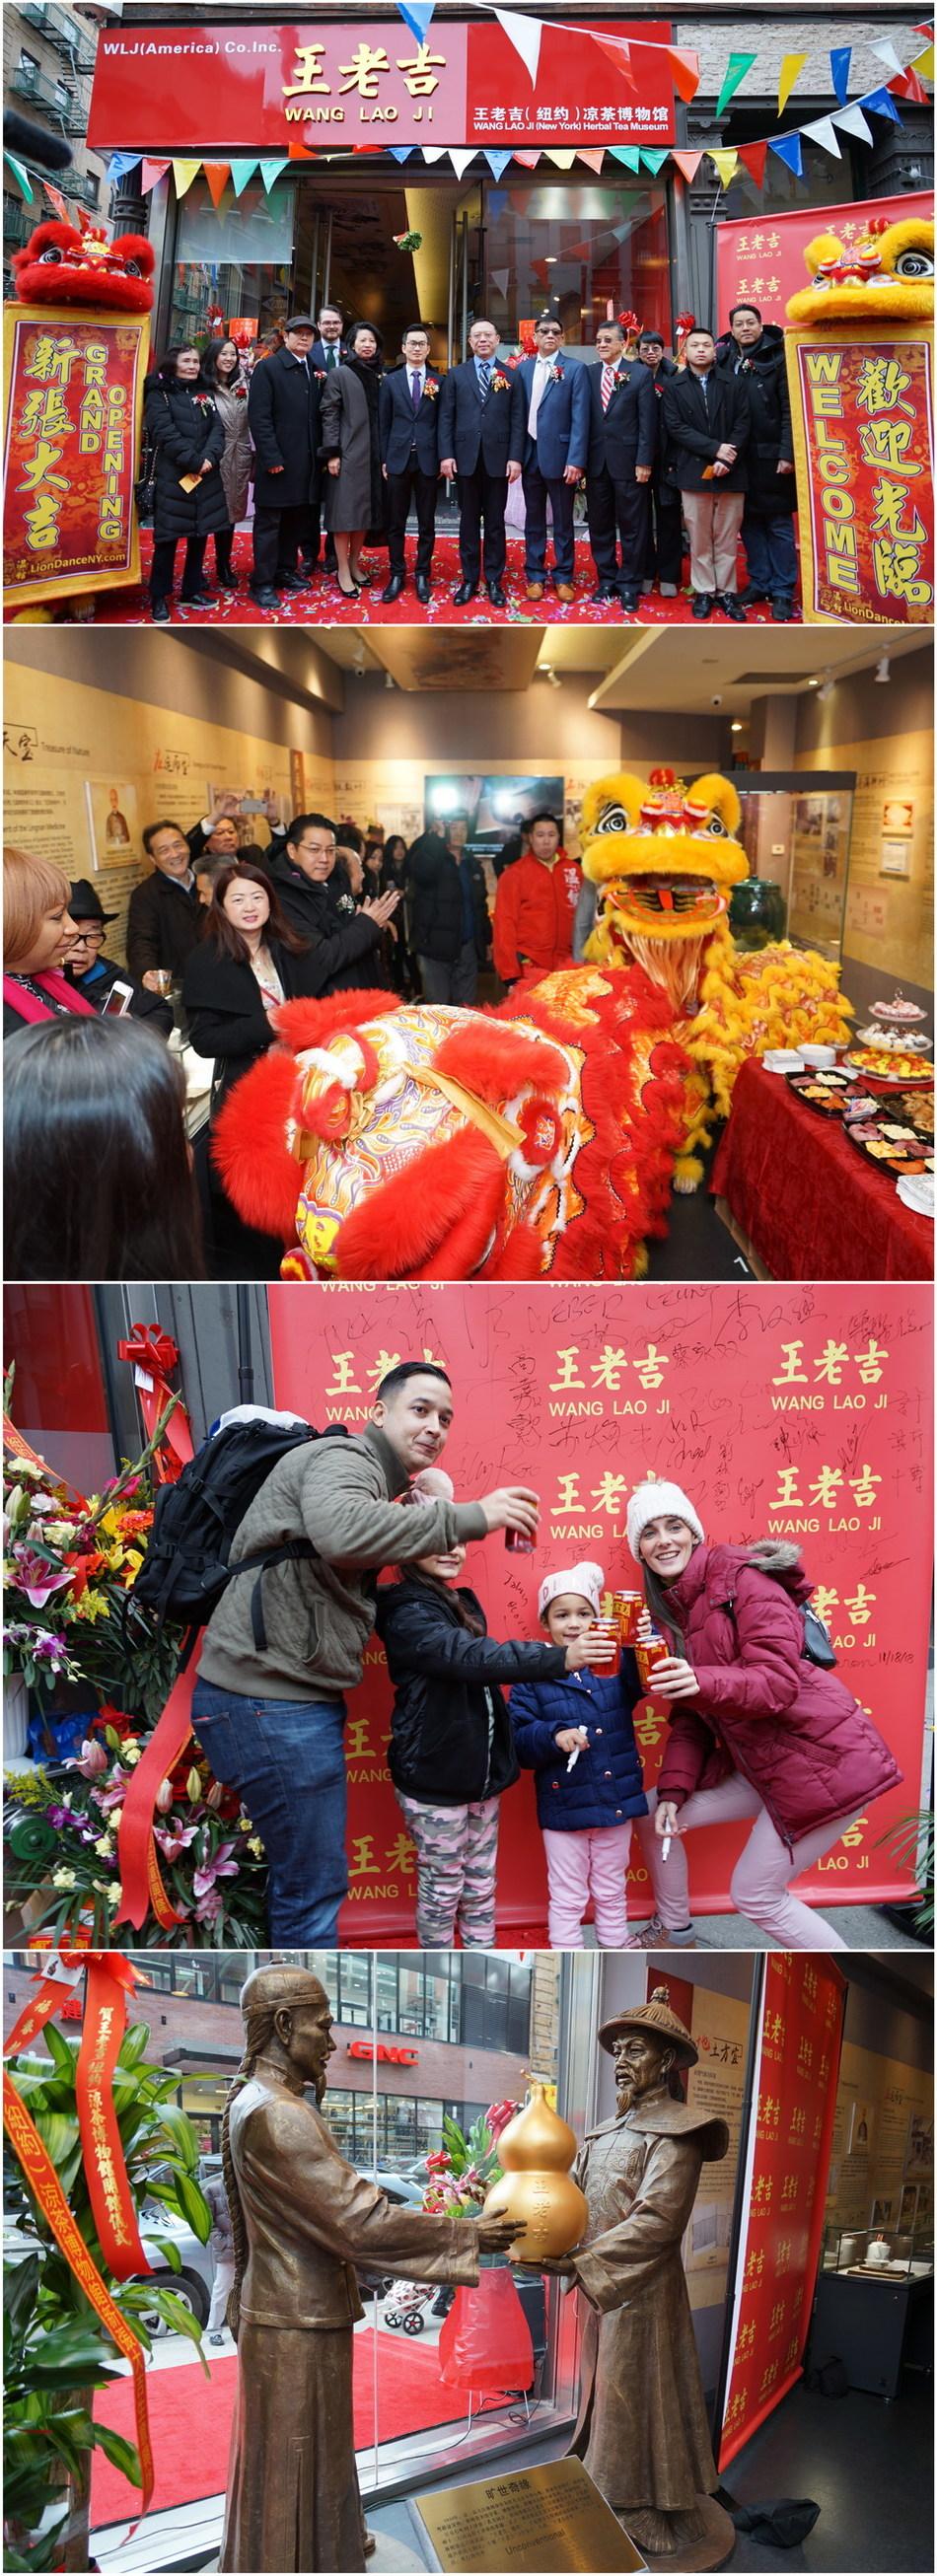 Wang Lao Ji starts a themed herbal tea museum in Manhattan, New York (PRNewsfoto/Guangzhou Wang Lao Ji)